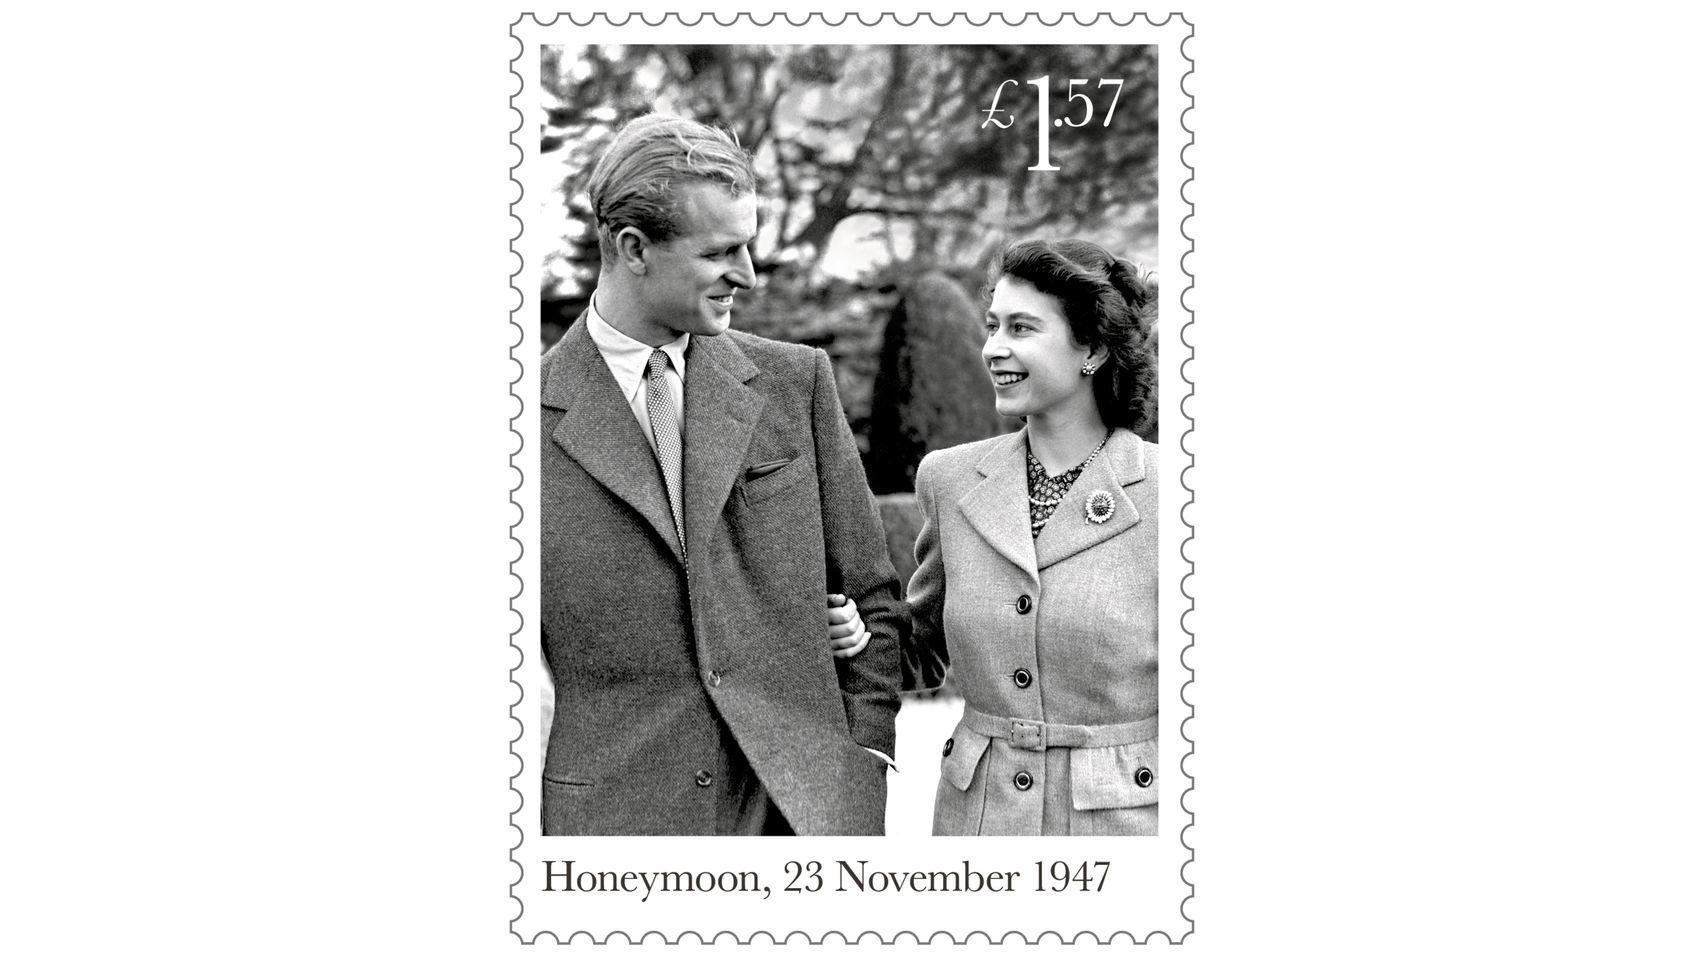 Seis sellos de Isabel II y Felipe de Edimburgo